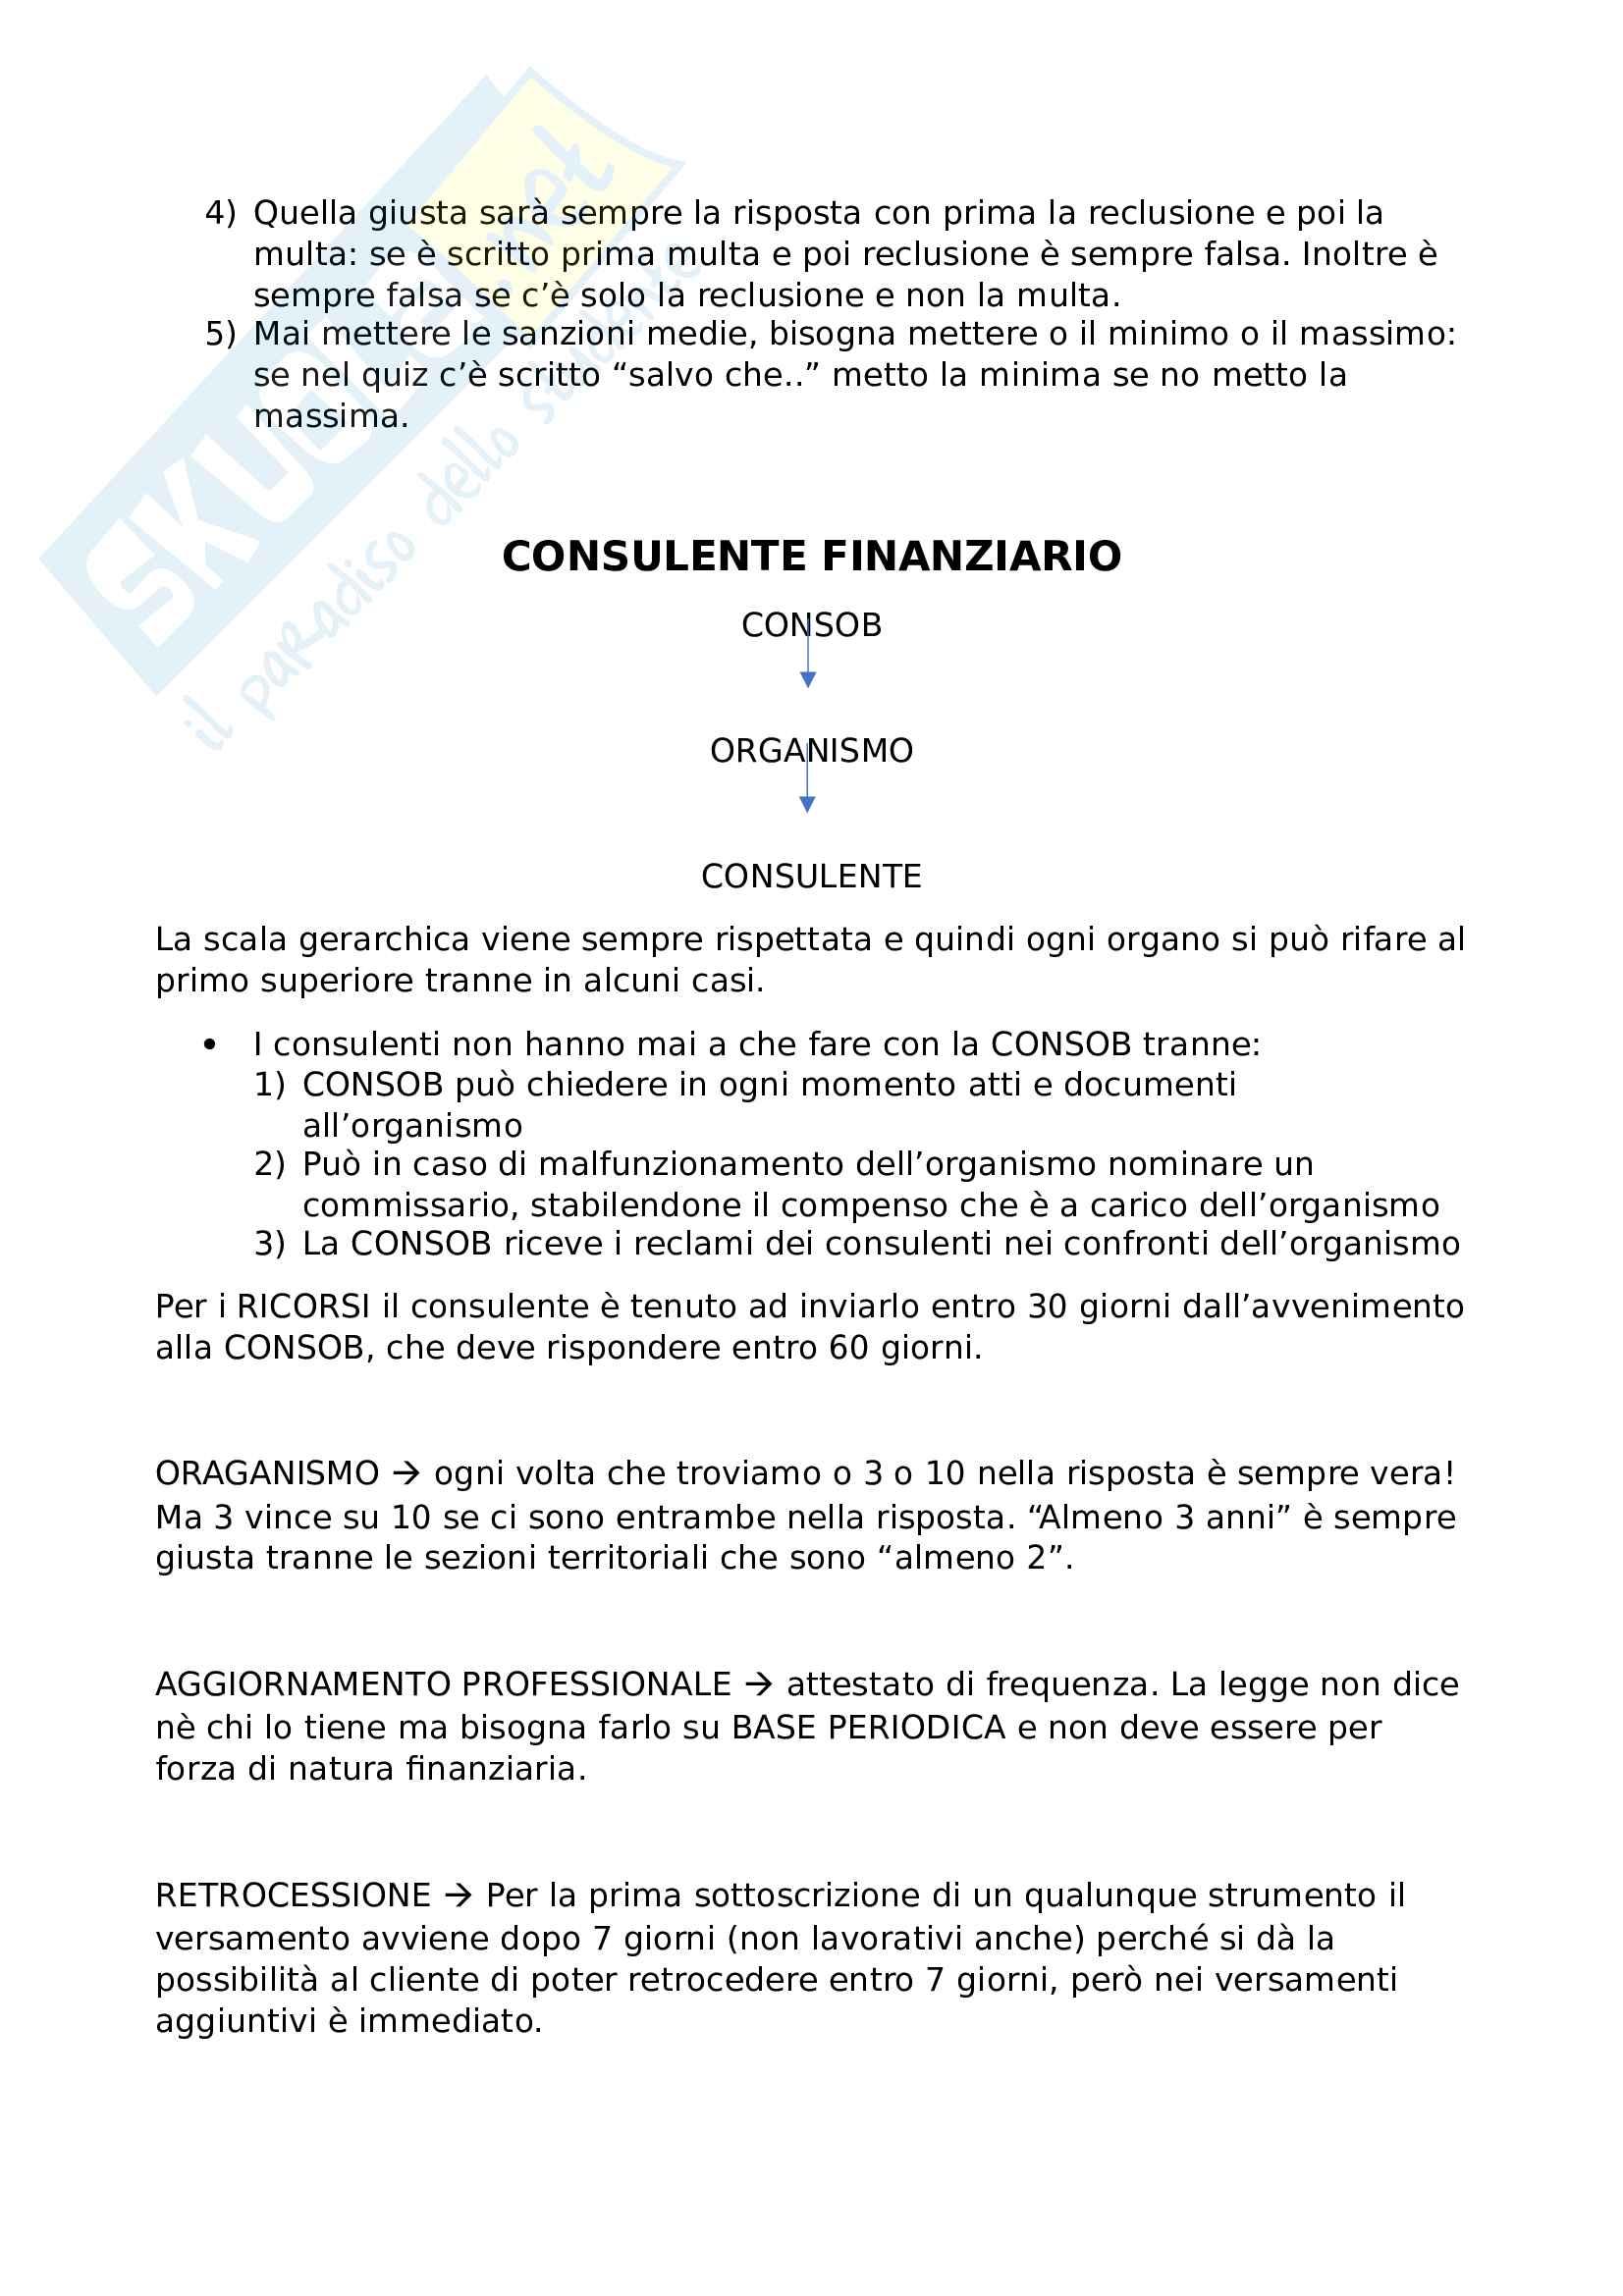 Preparazione esame organismo consulenti finanziari, consulenti finanziari abilitati all'offerta fuori sede Pag. 6